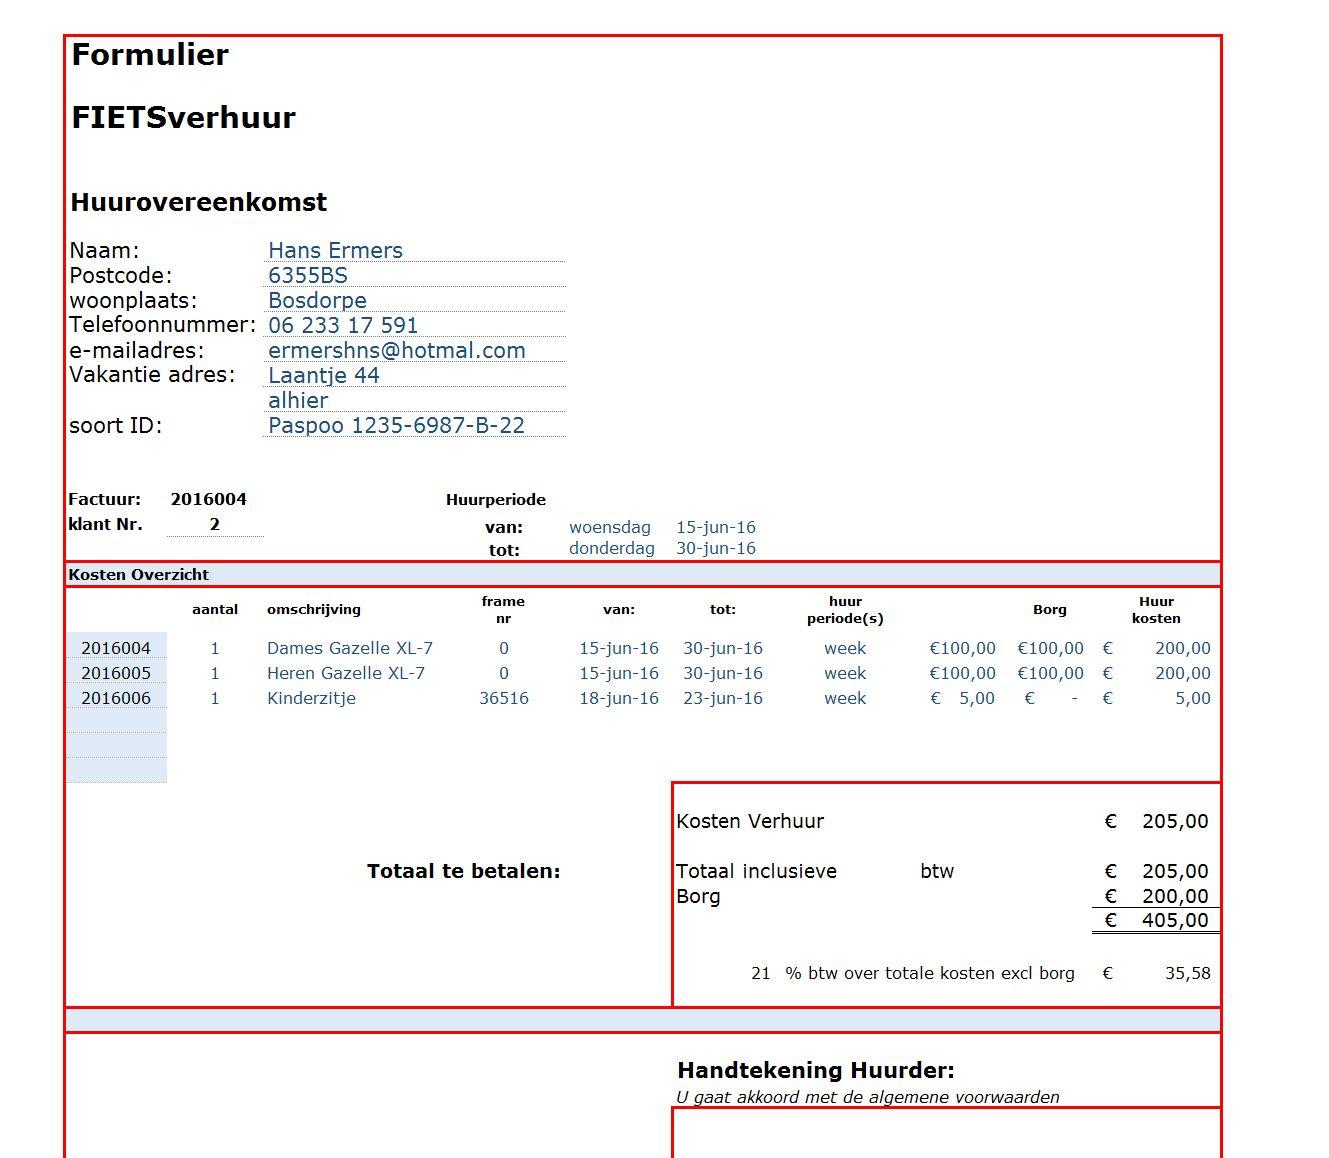 Excel Spreadsheet Maken Pertaining To Verhuur Voorbeelden Excel Spreadsheet.nl Binnen Factuur Maken In